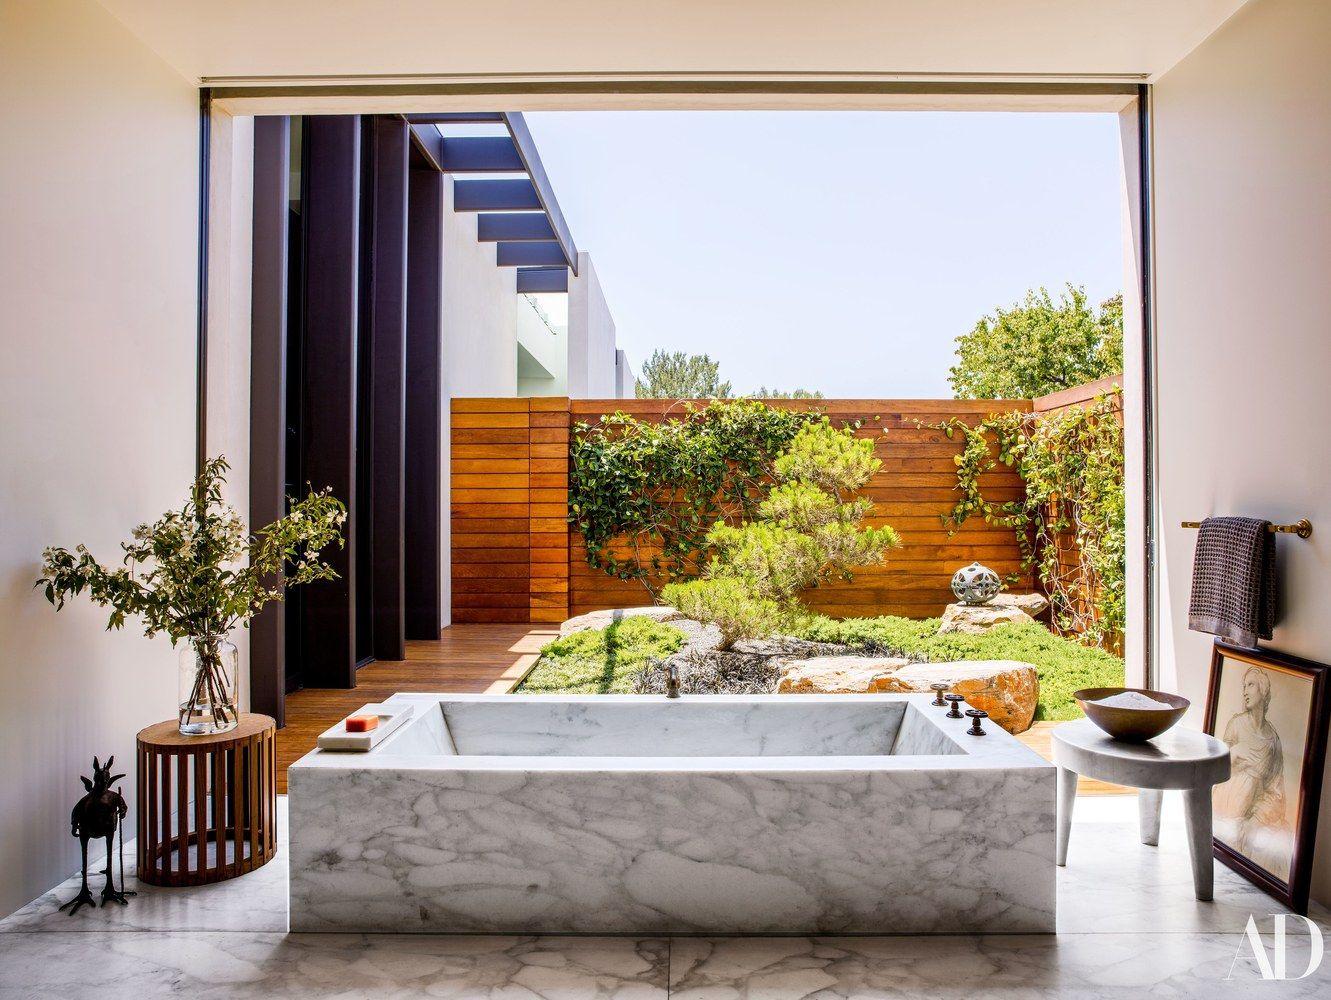 Оце так хороми: Дженніфер Еністон показала свій розкішний дім - фото 368830